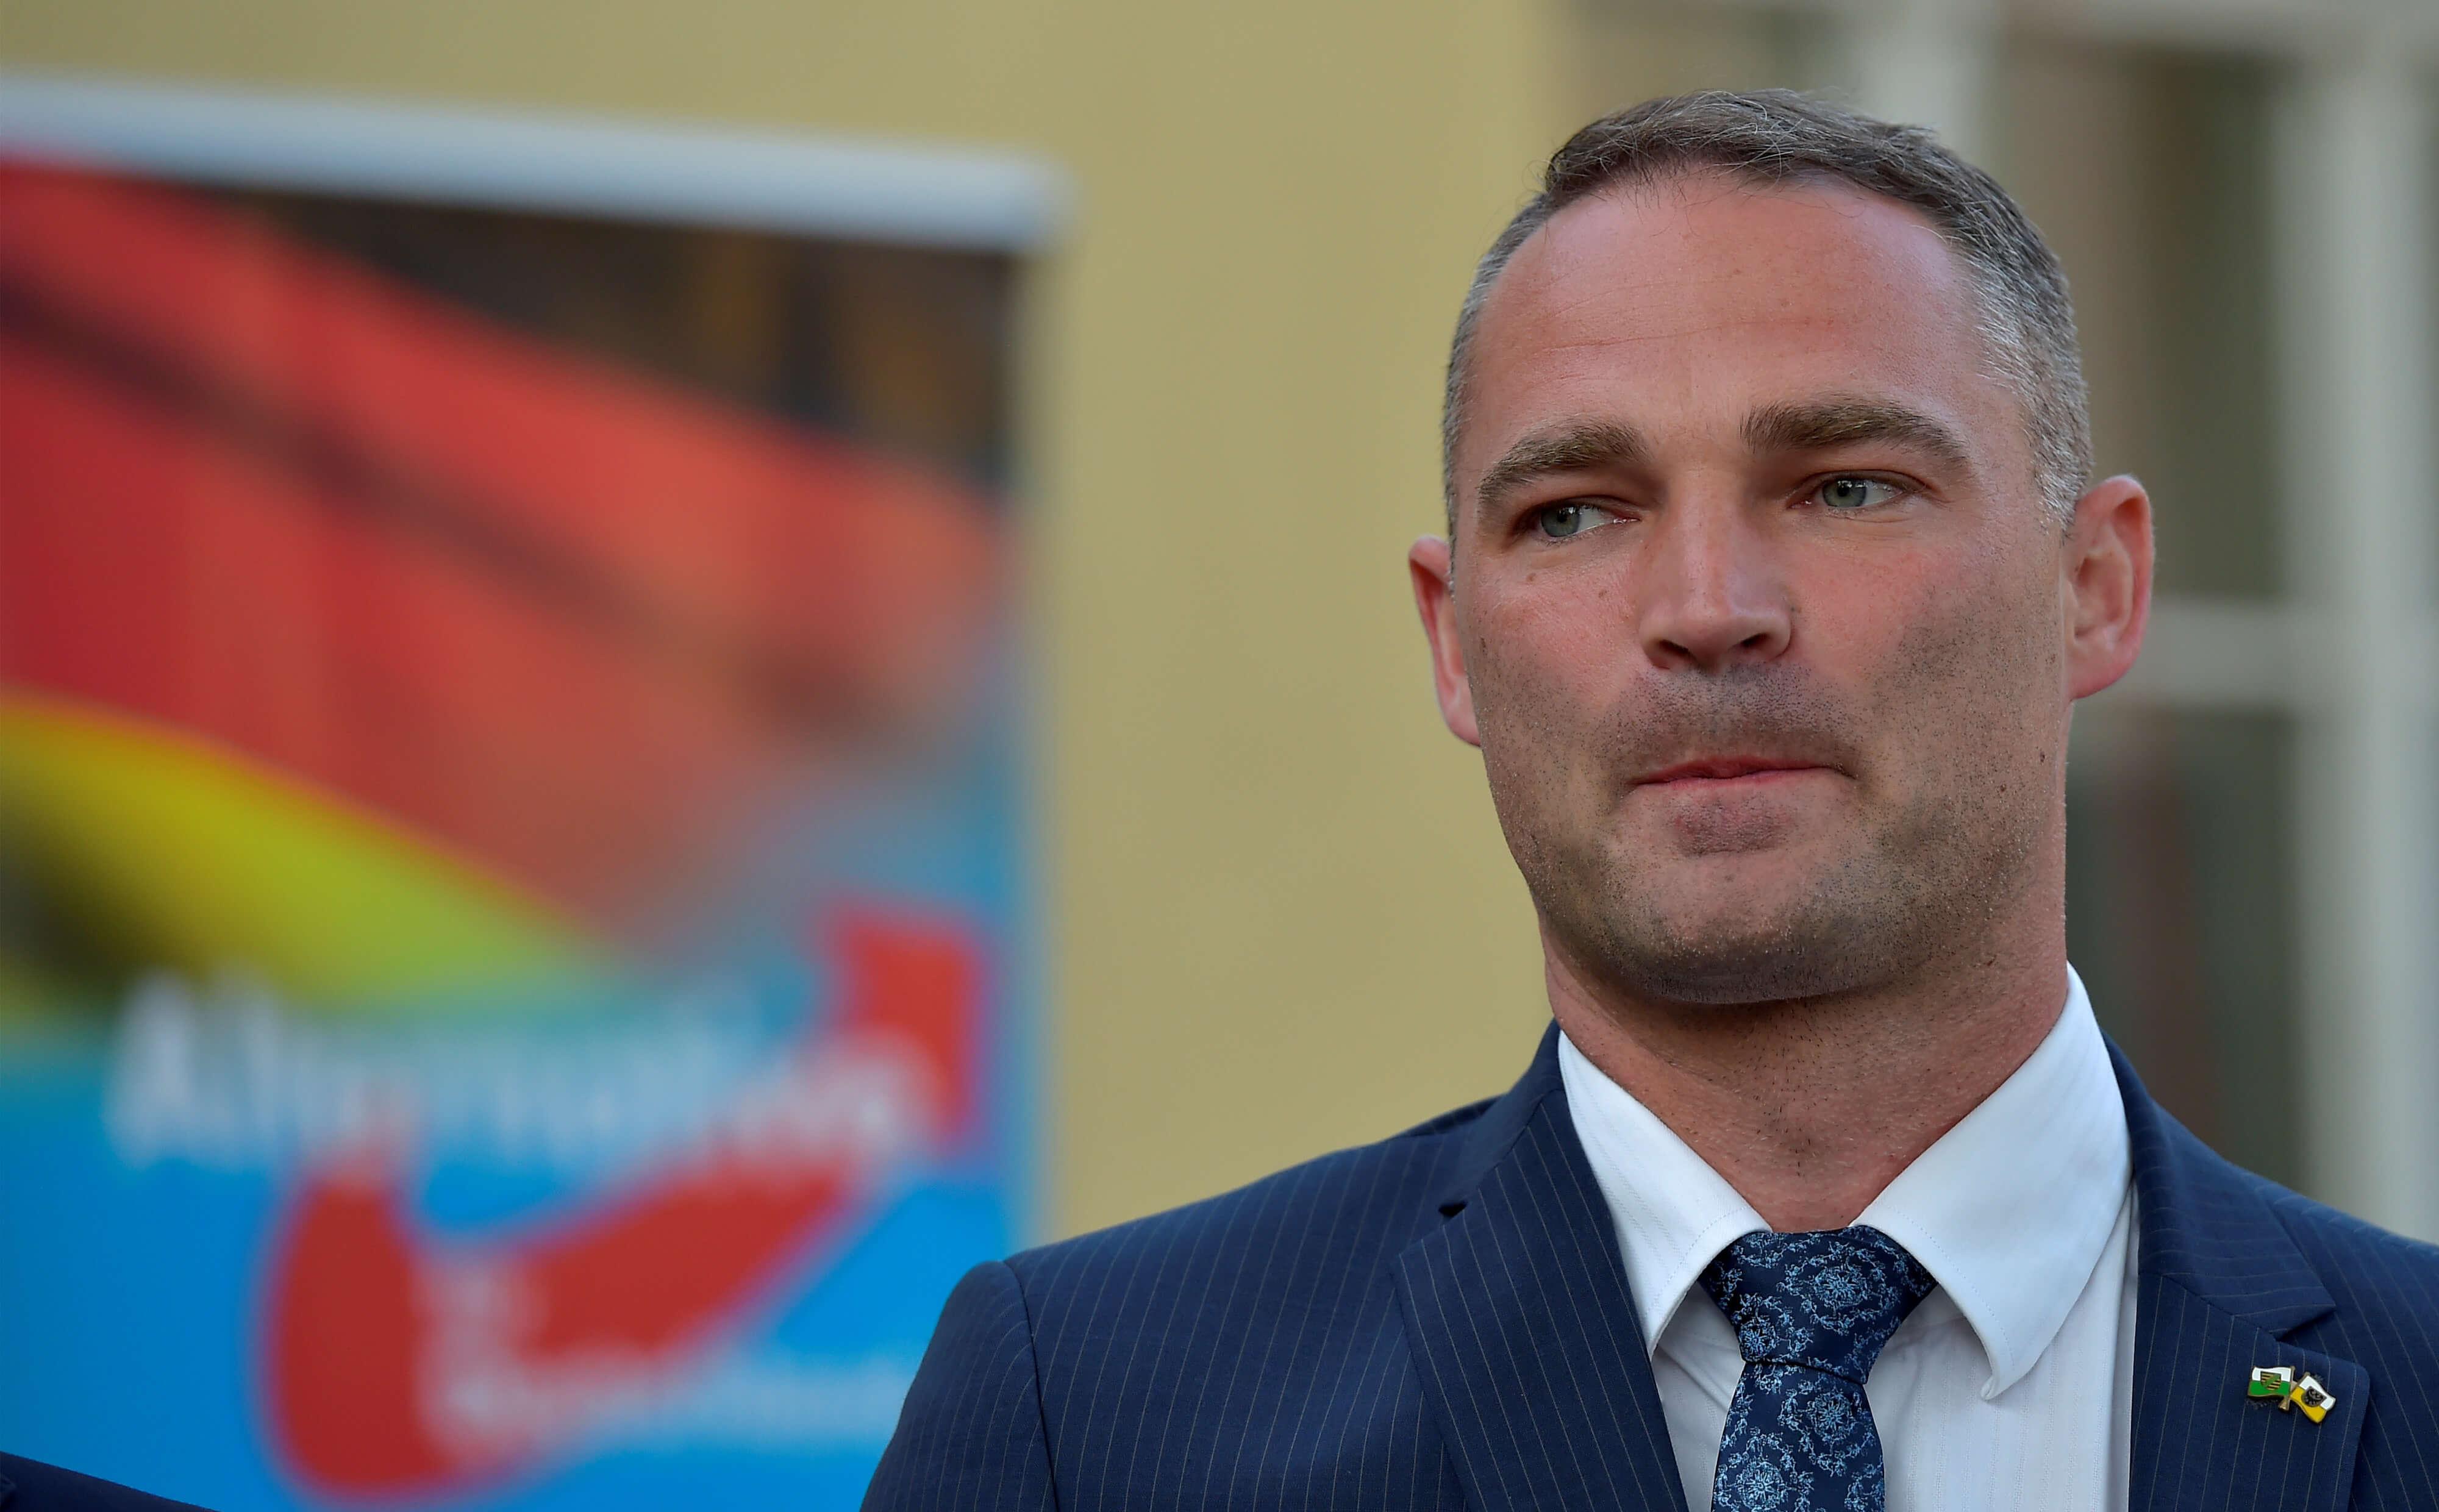 Γερμανία: Το ακροδεξιό AfD απέτυχε να εκλέξει τον πρώτο του Δήμαρχο